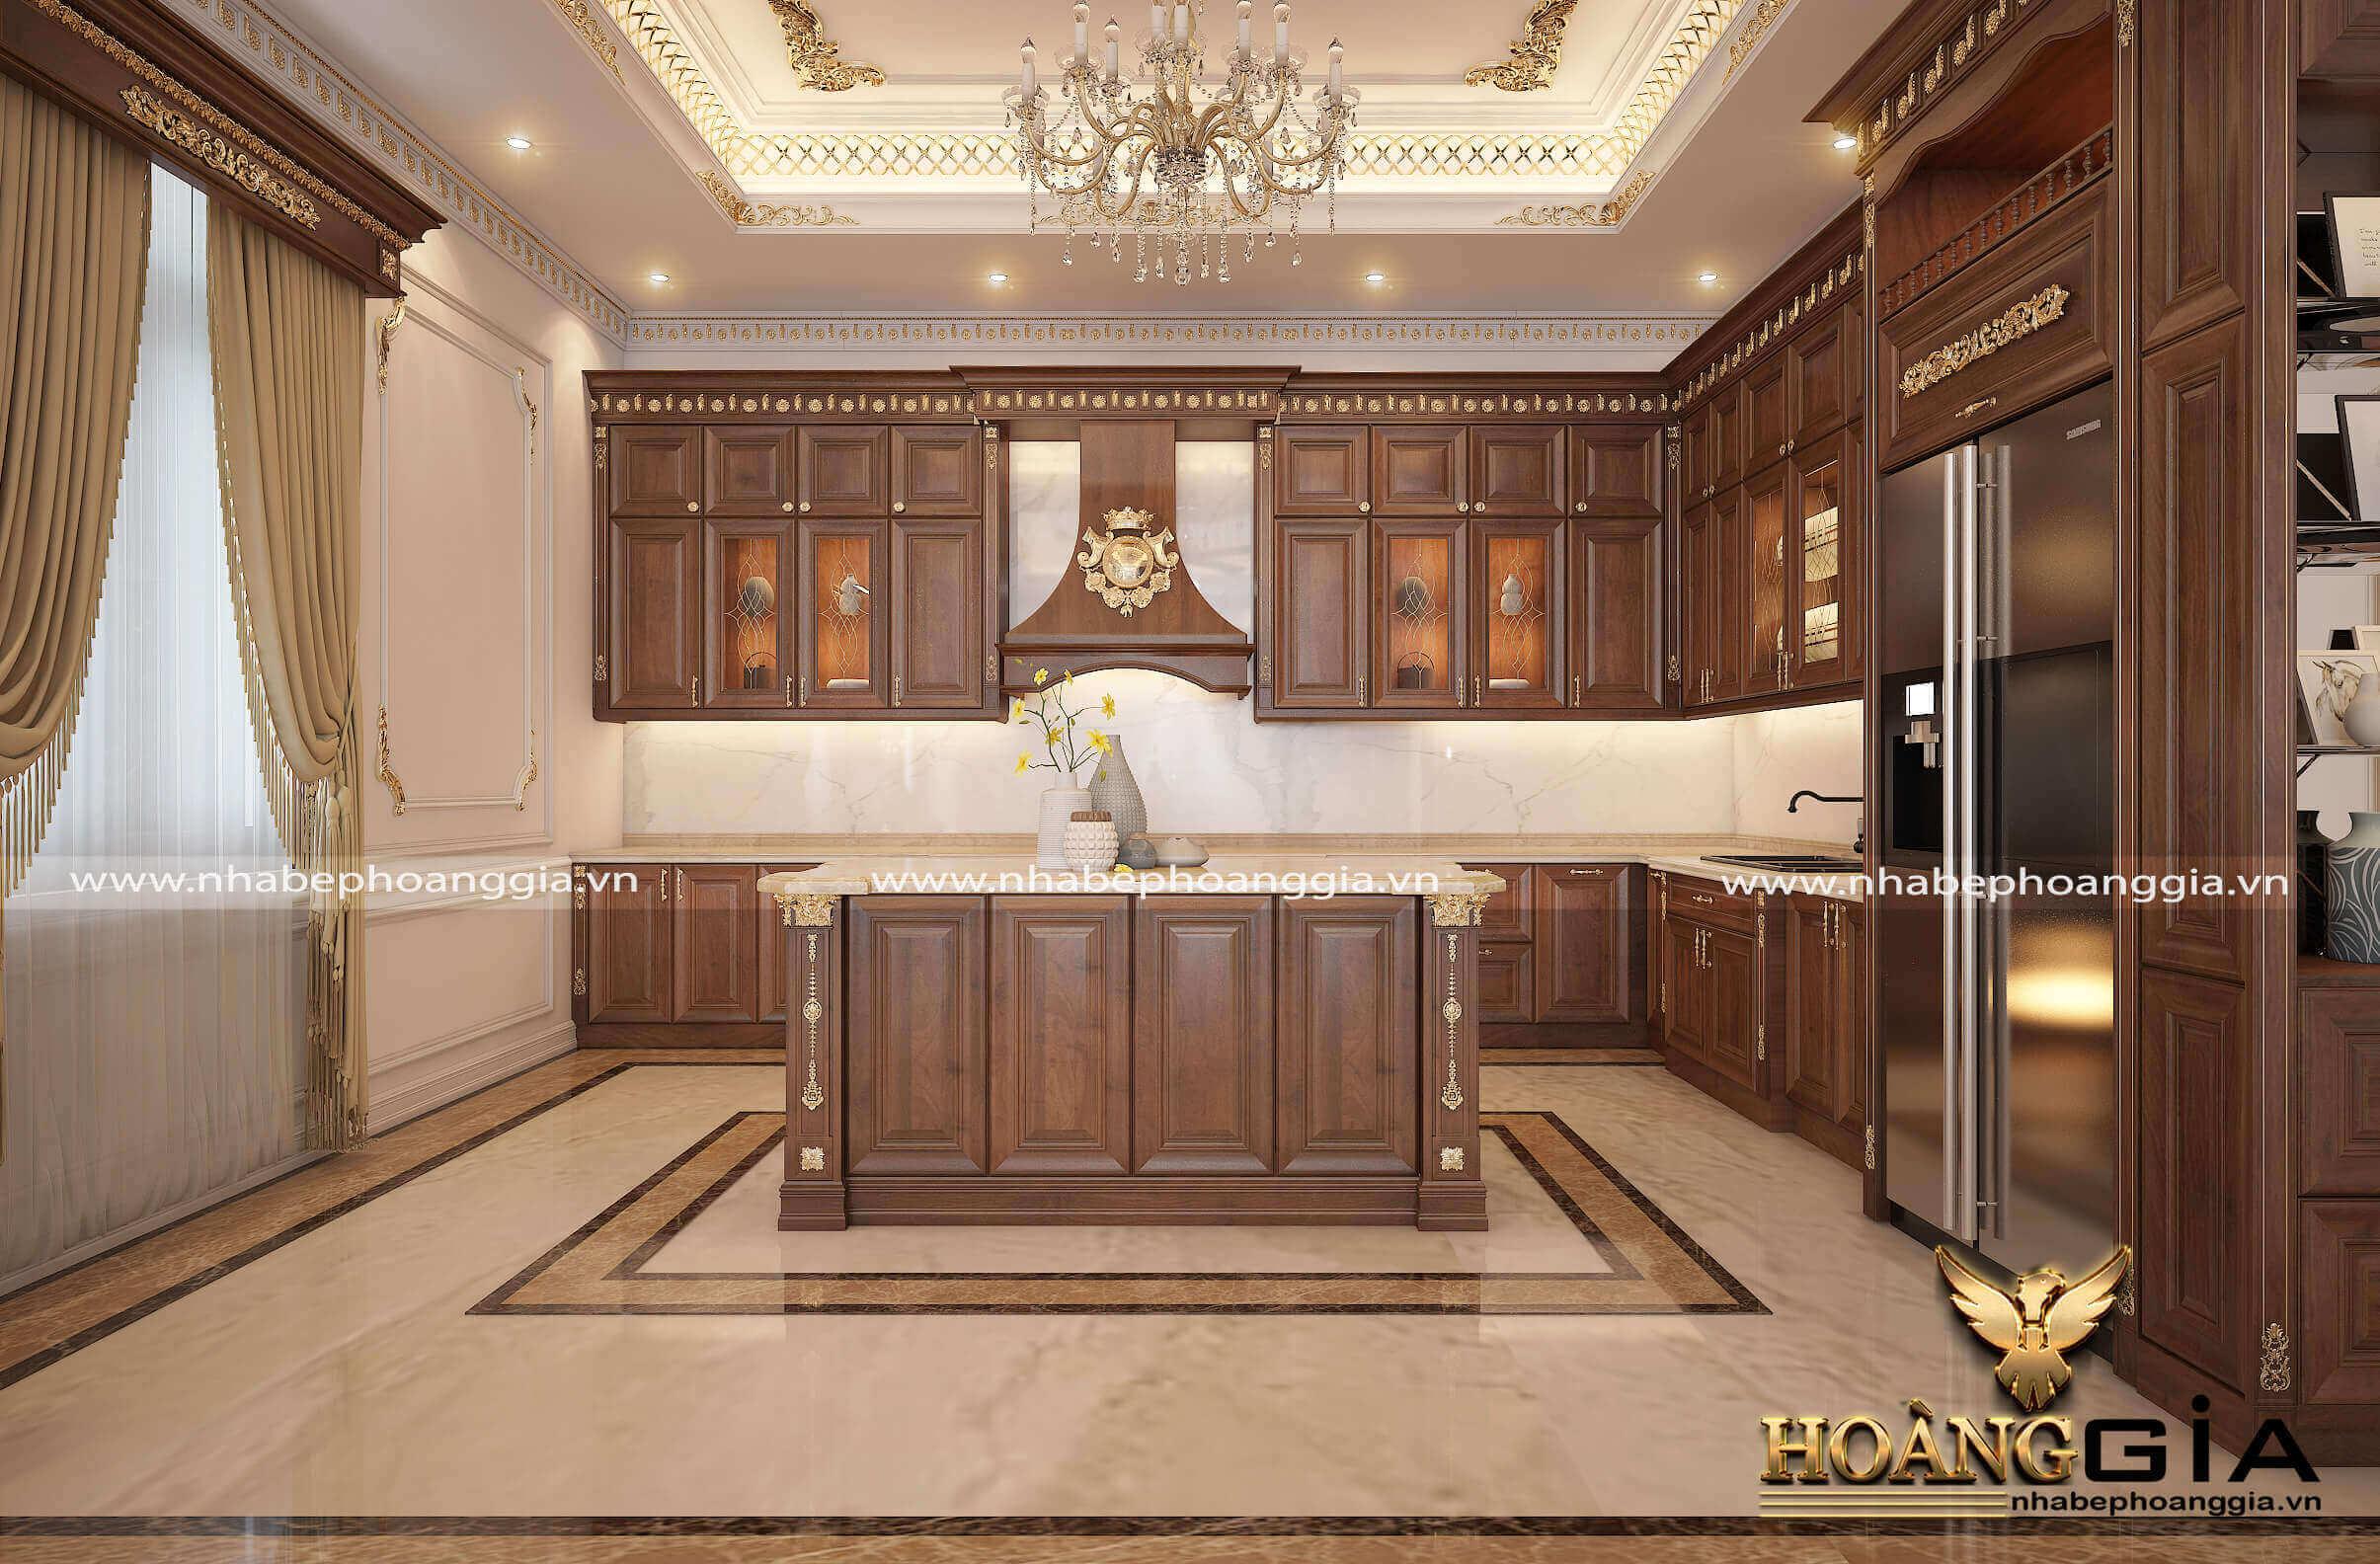 mẫu tủ bếp gỗ tân cổ điển 2019